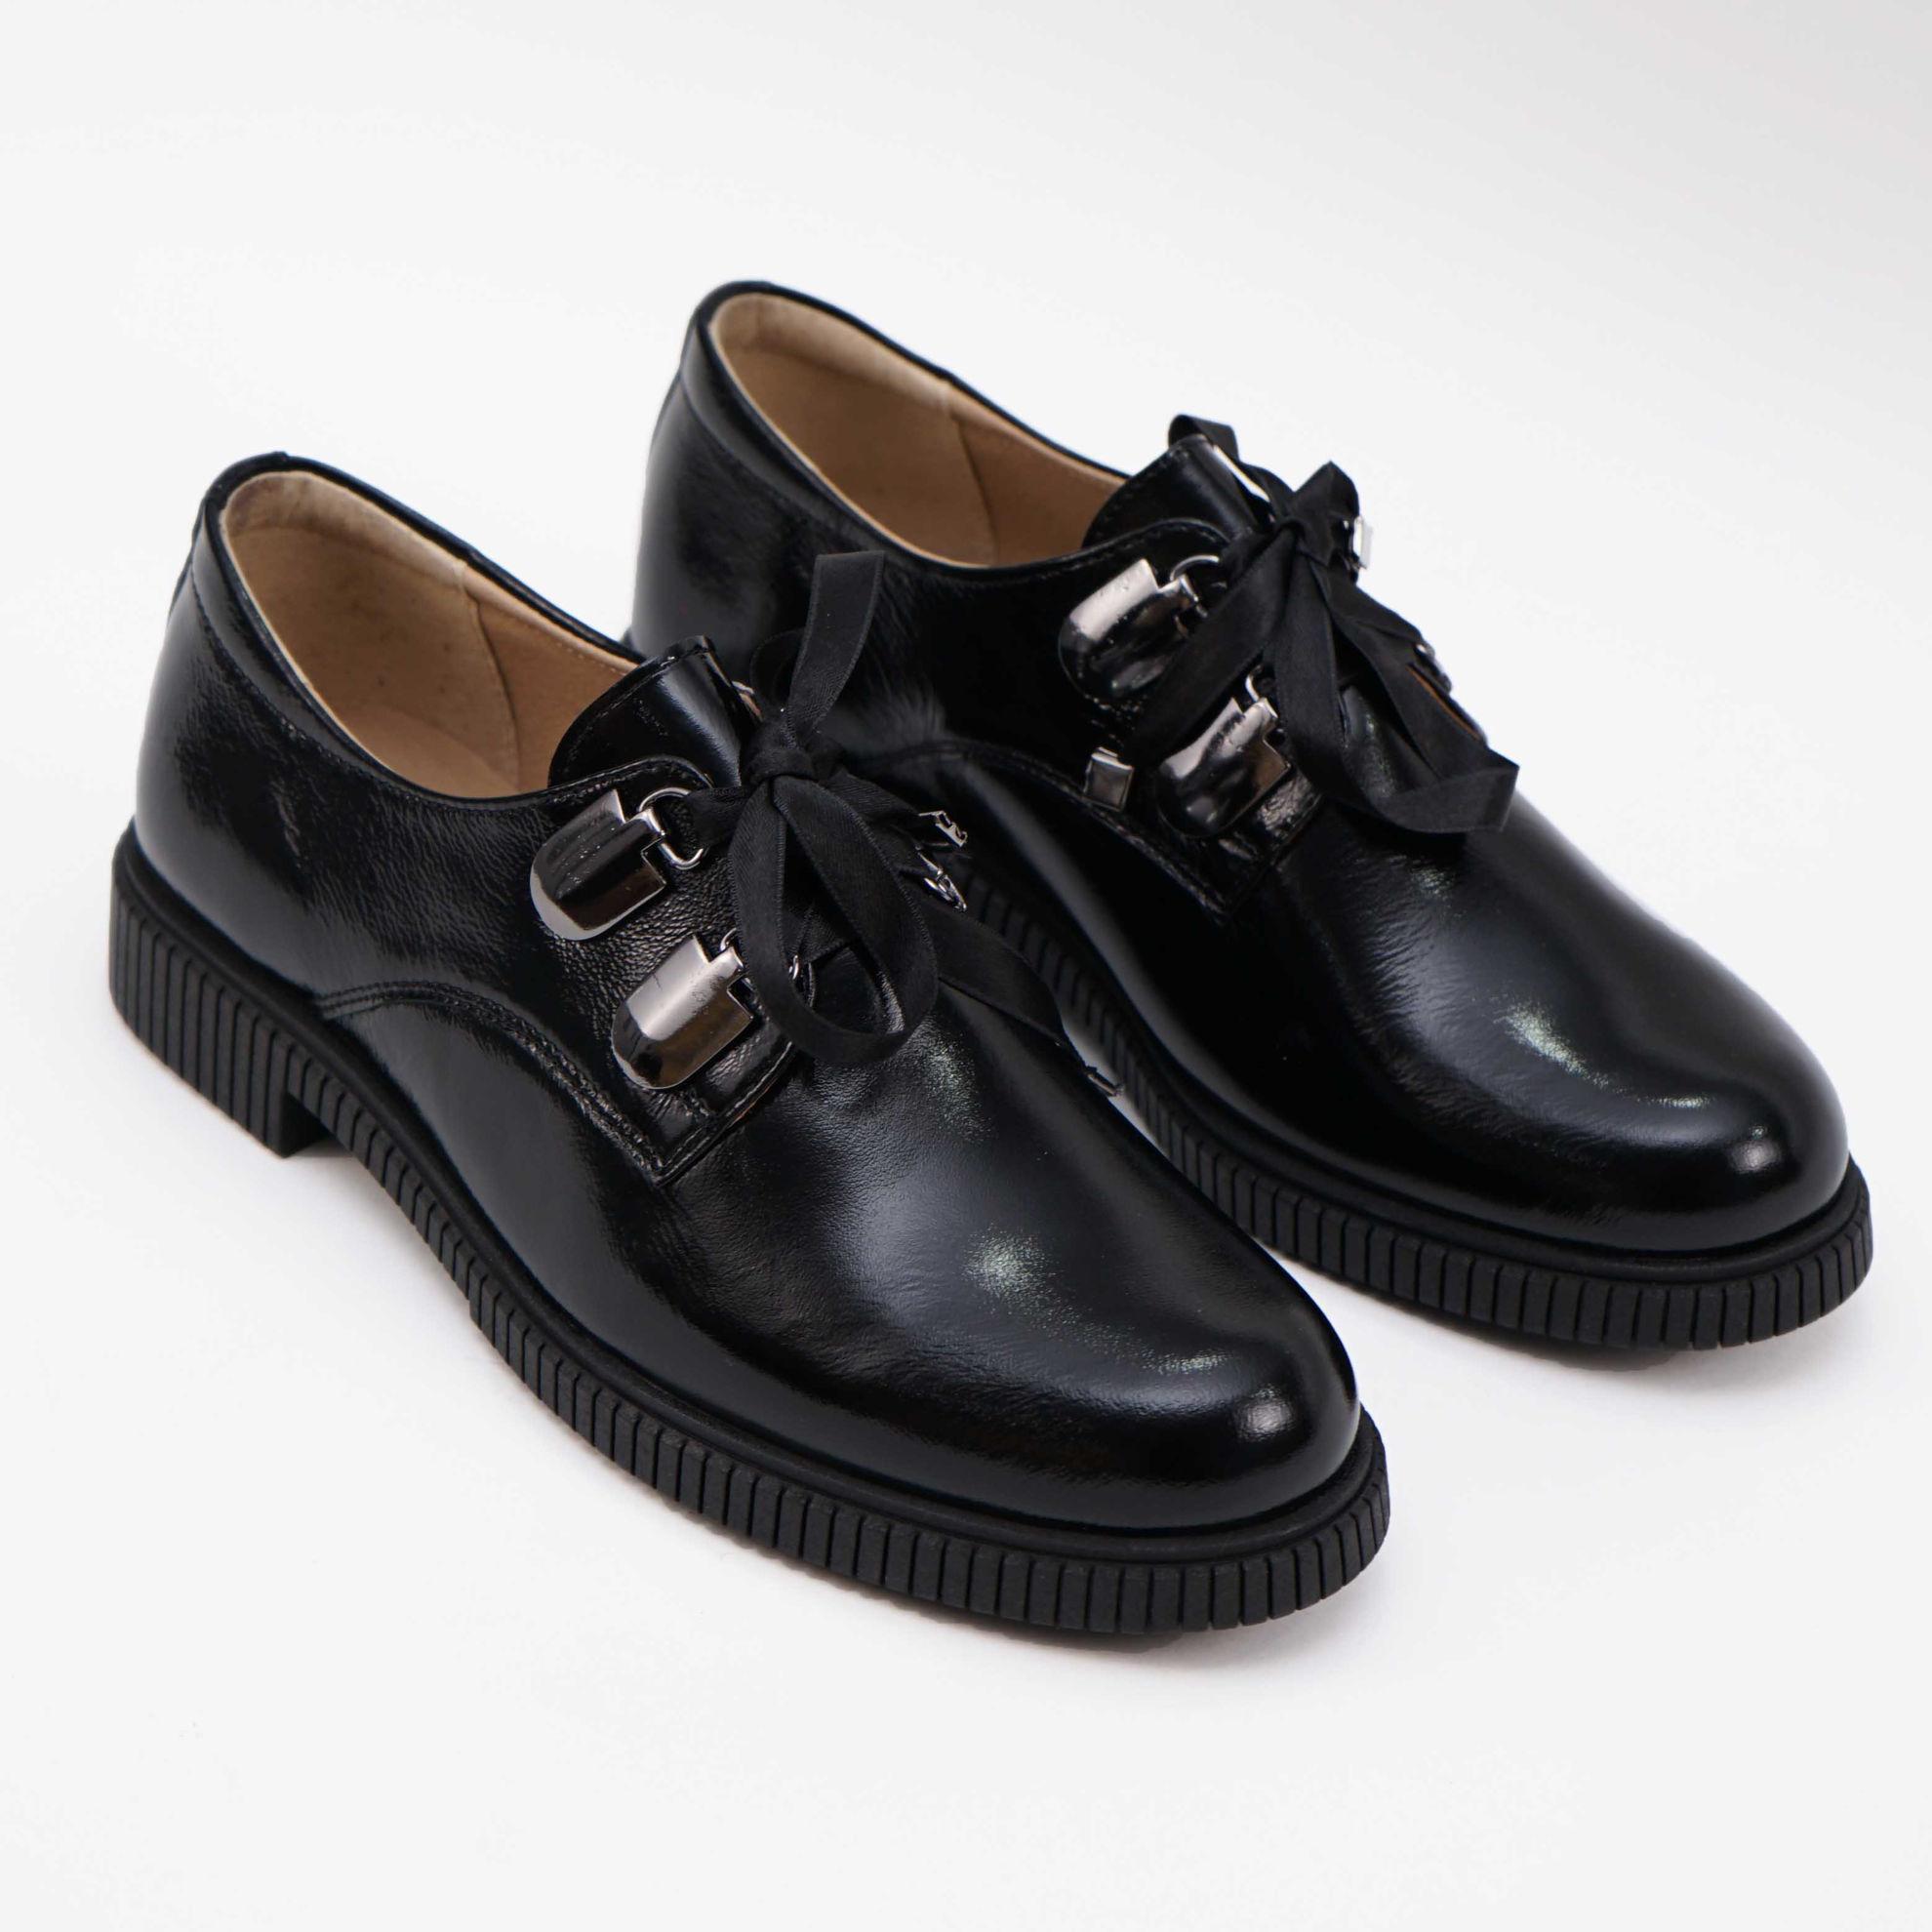 Imagine Pantofi damă piele naturală lacuita L 207 negru